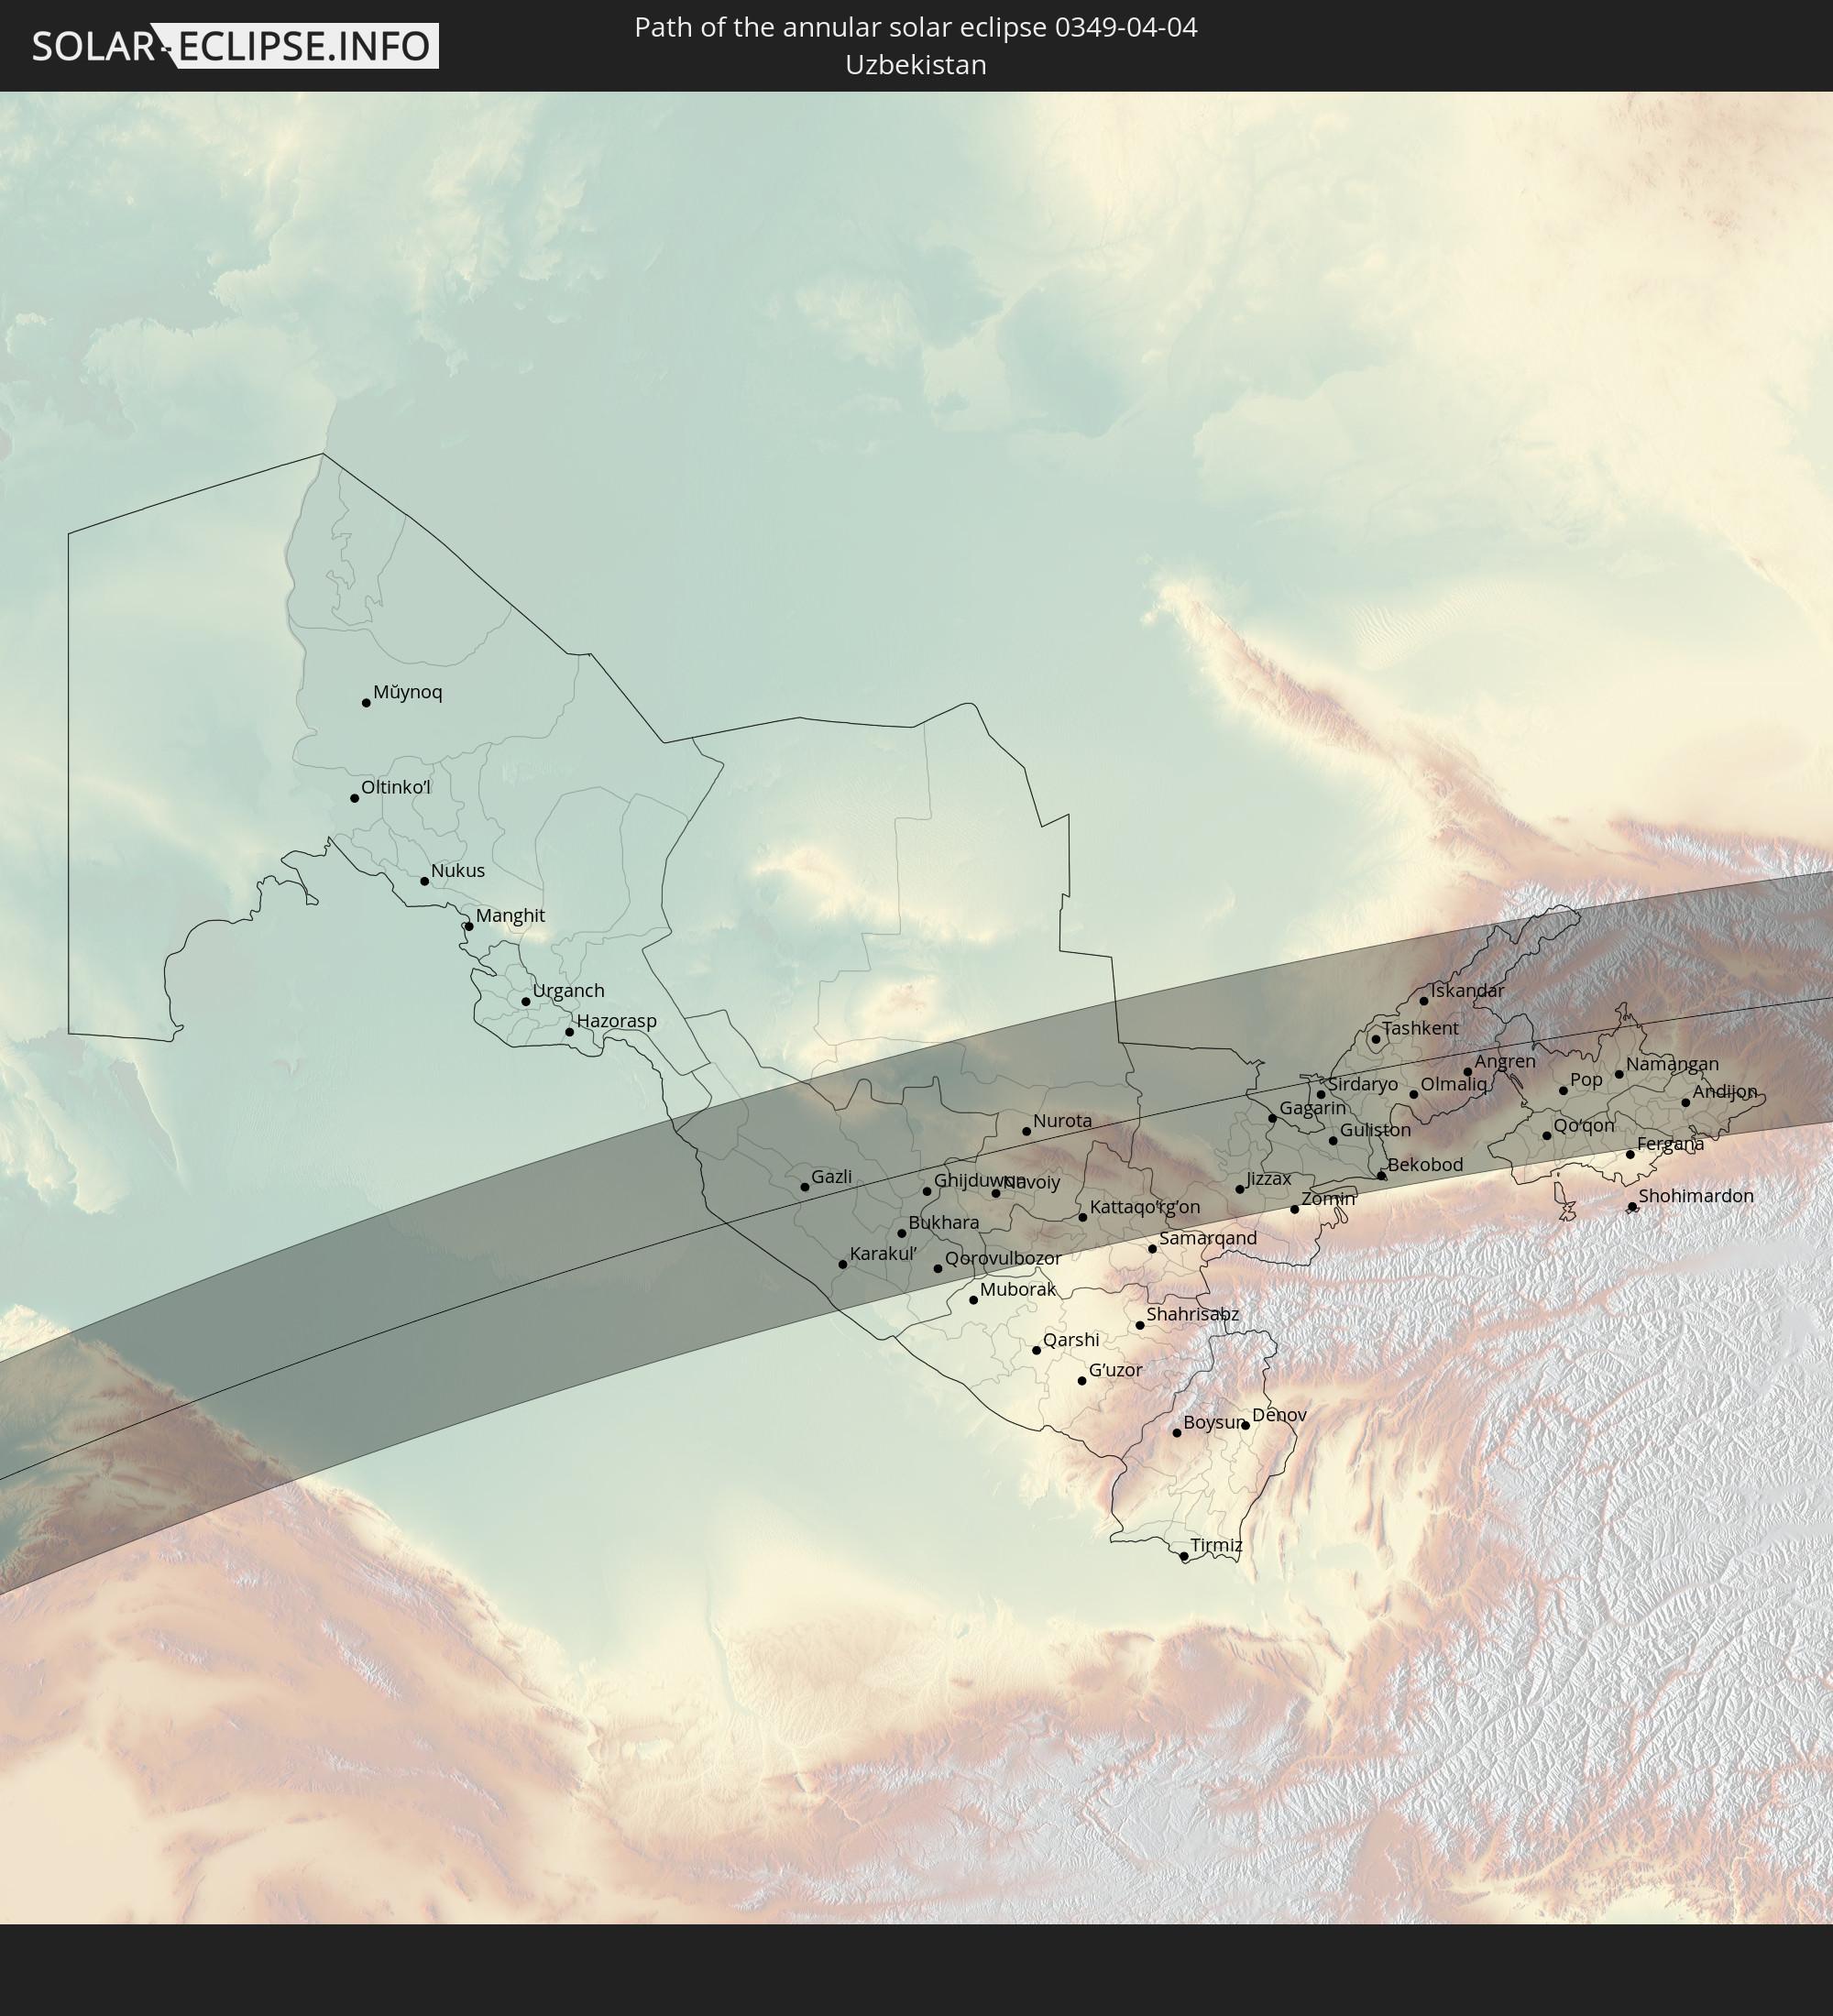 The Annular Solar Eclipse Of - Olmaliq map